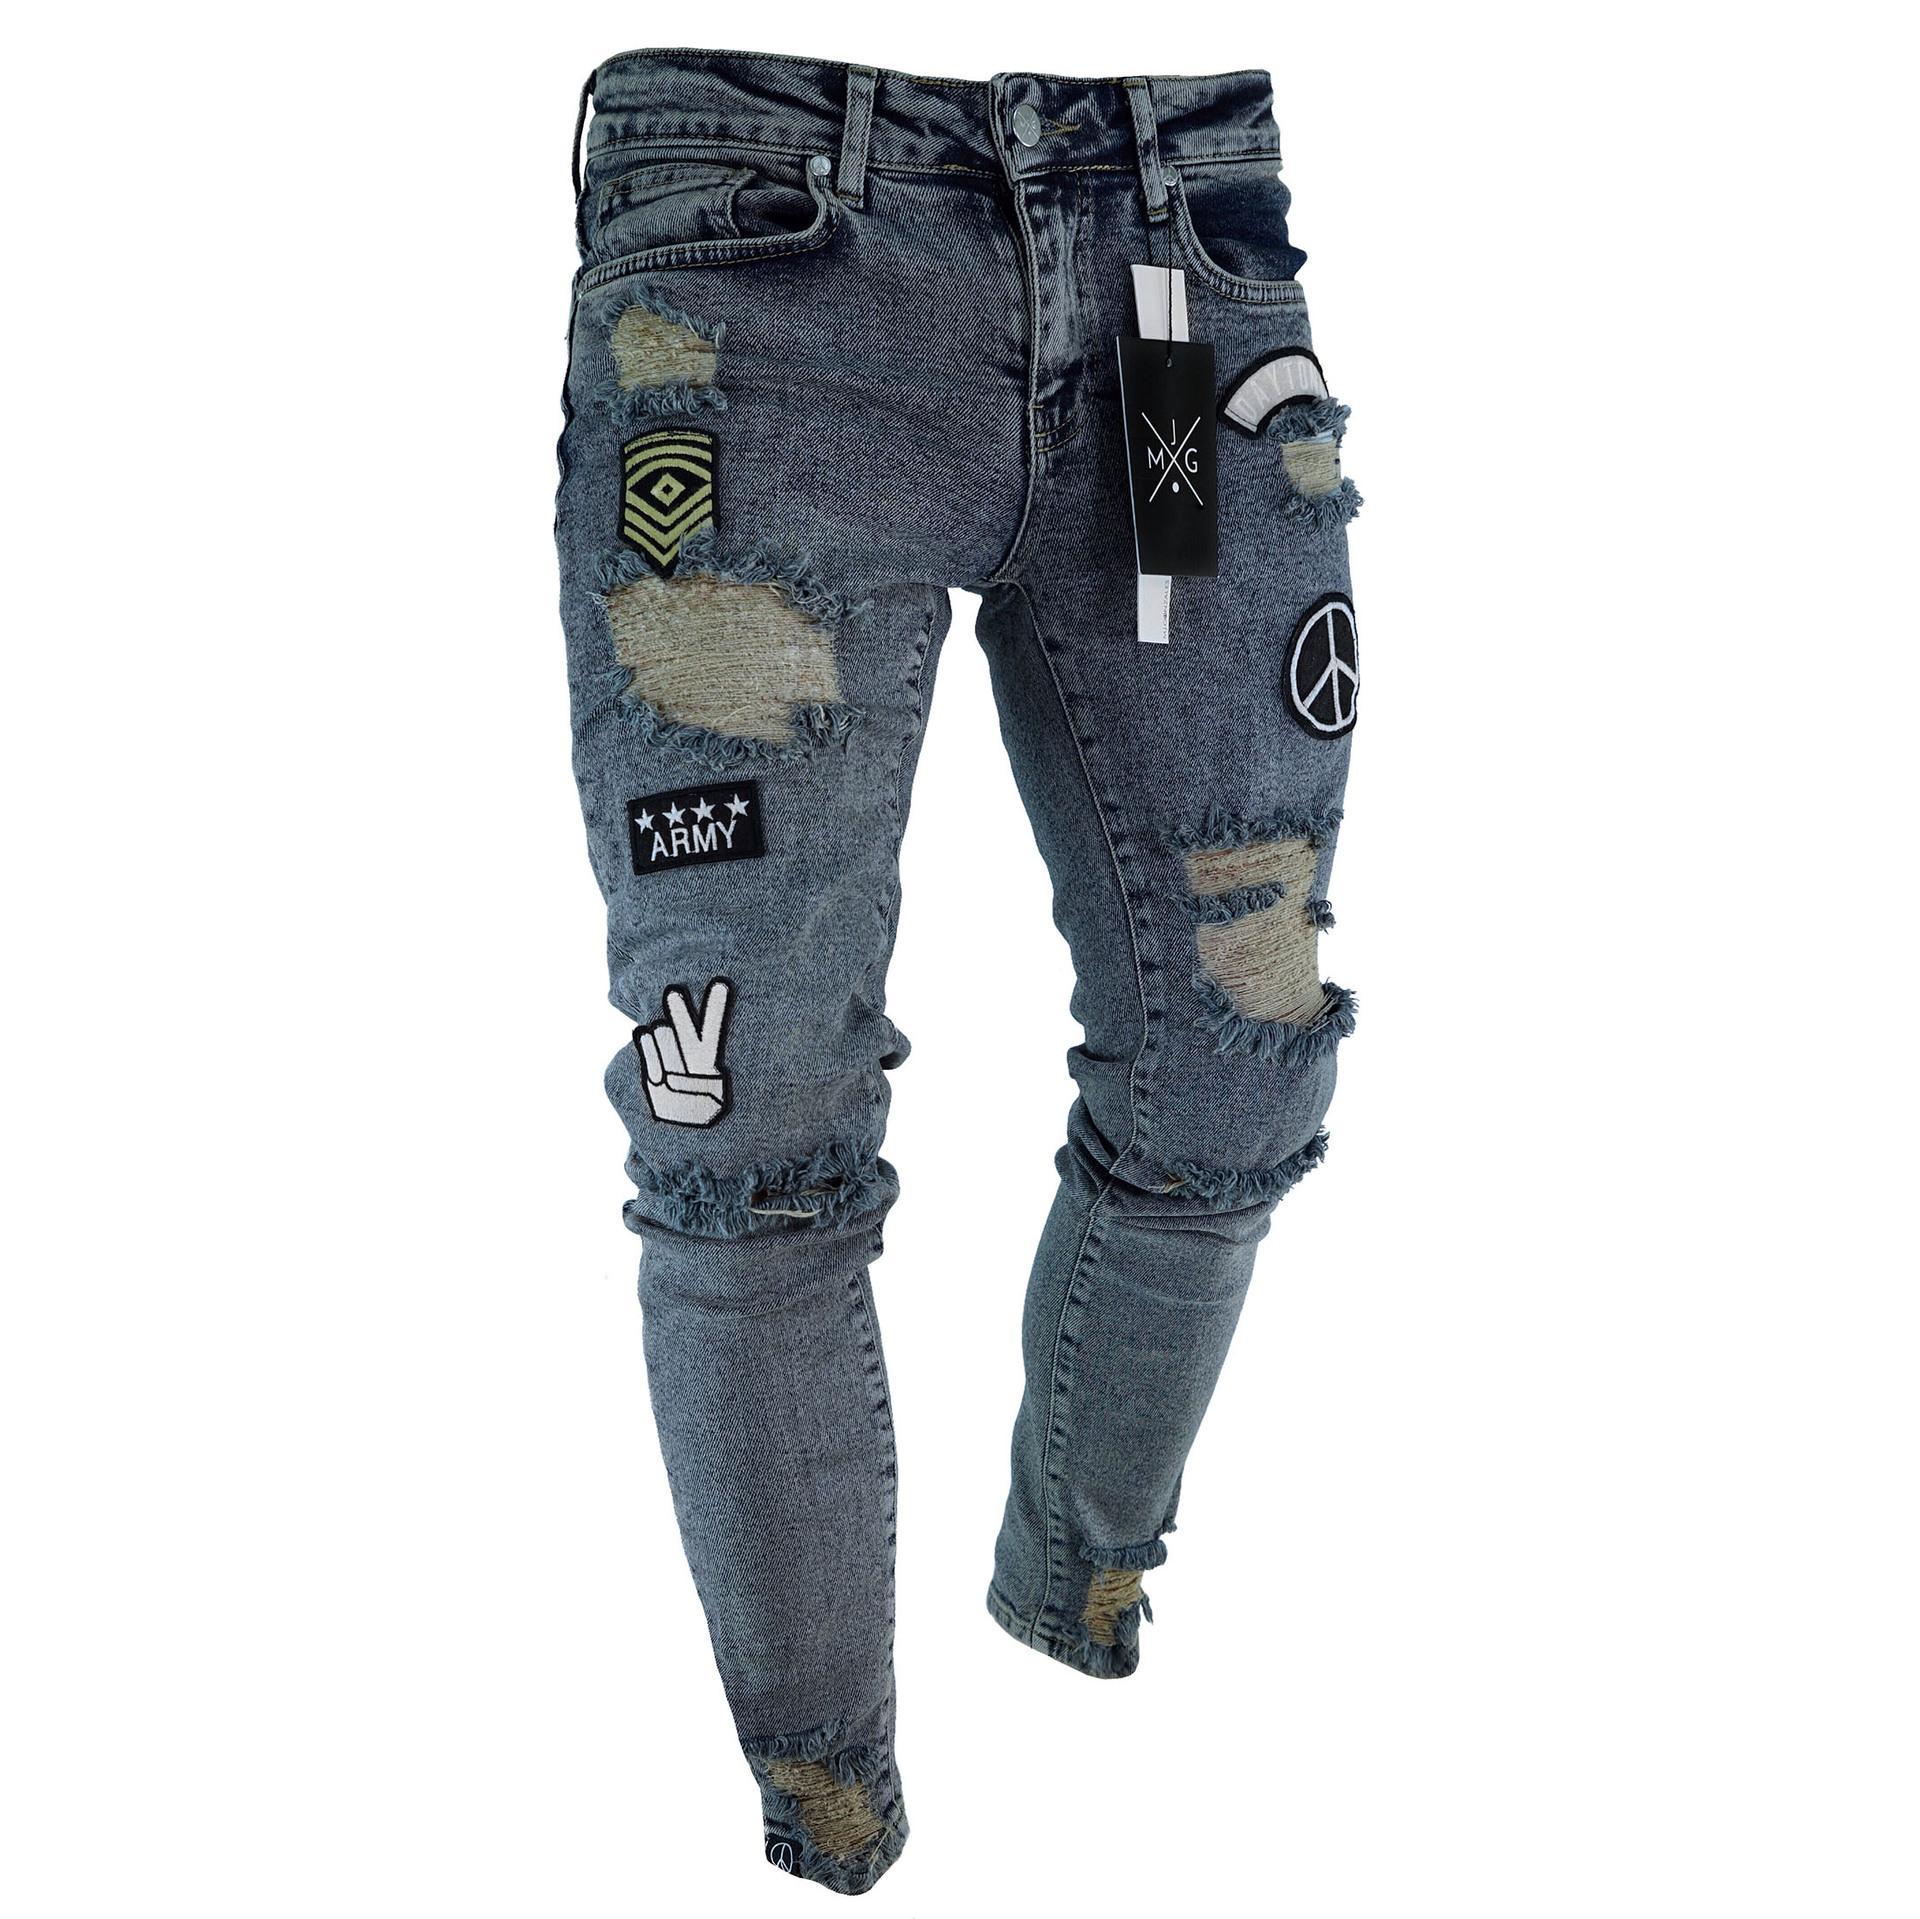 699e8b7cb Compre Pantalones Para Hombre De Diseñador Slim Fit Jeans Rasgados Hombres  Hi Street Jeans De Mezclilla Pitillo Desgastados Desgastados Rodilla Hip  Hop ...